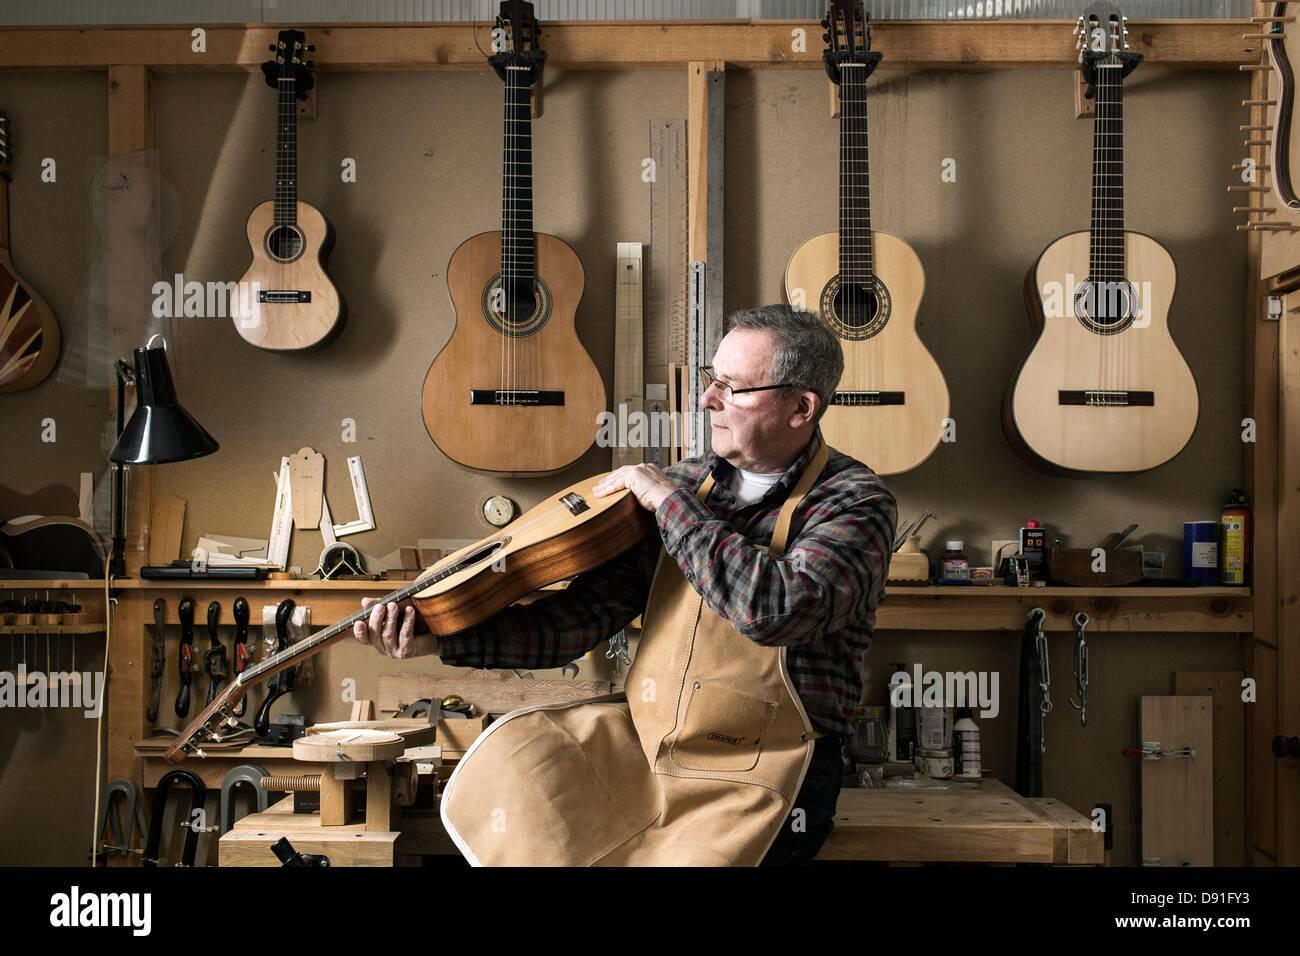 Gitarrenbauer Veredelung Akustikgitarre in Werkstatt Stockbild